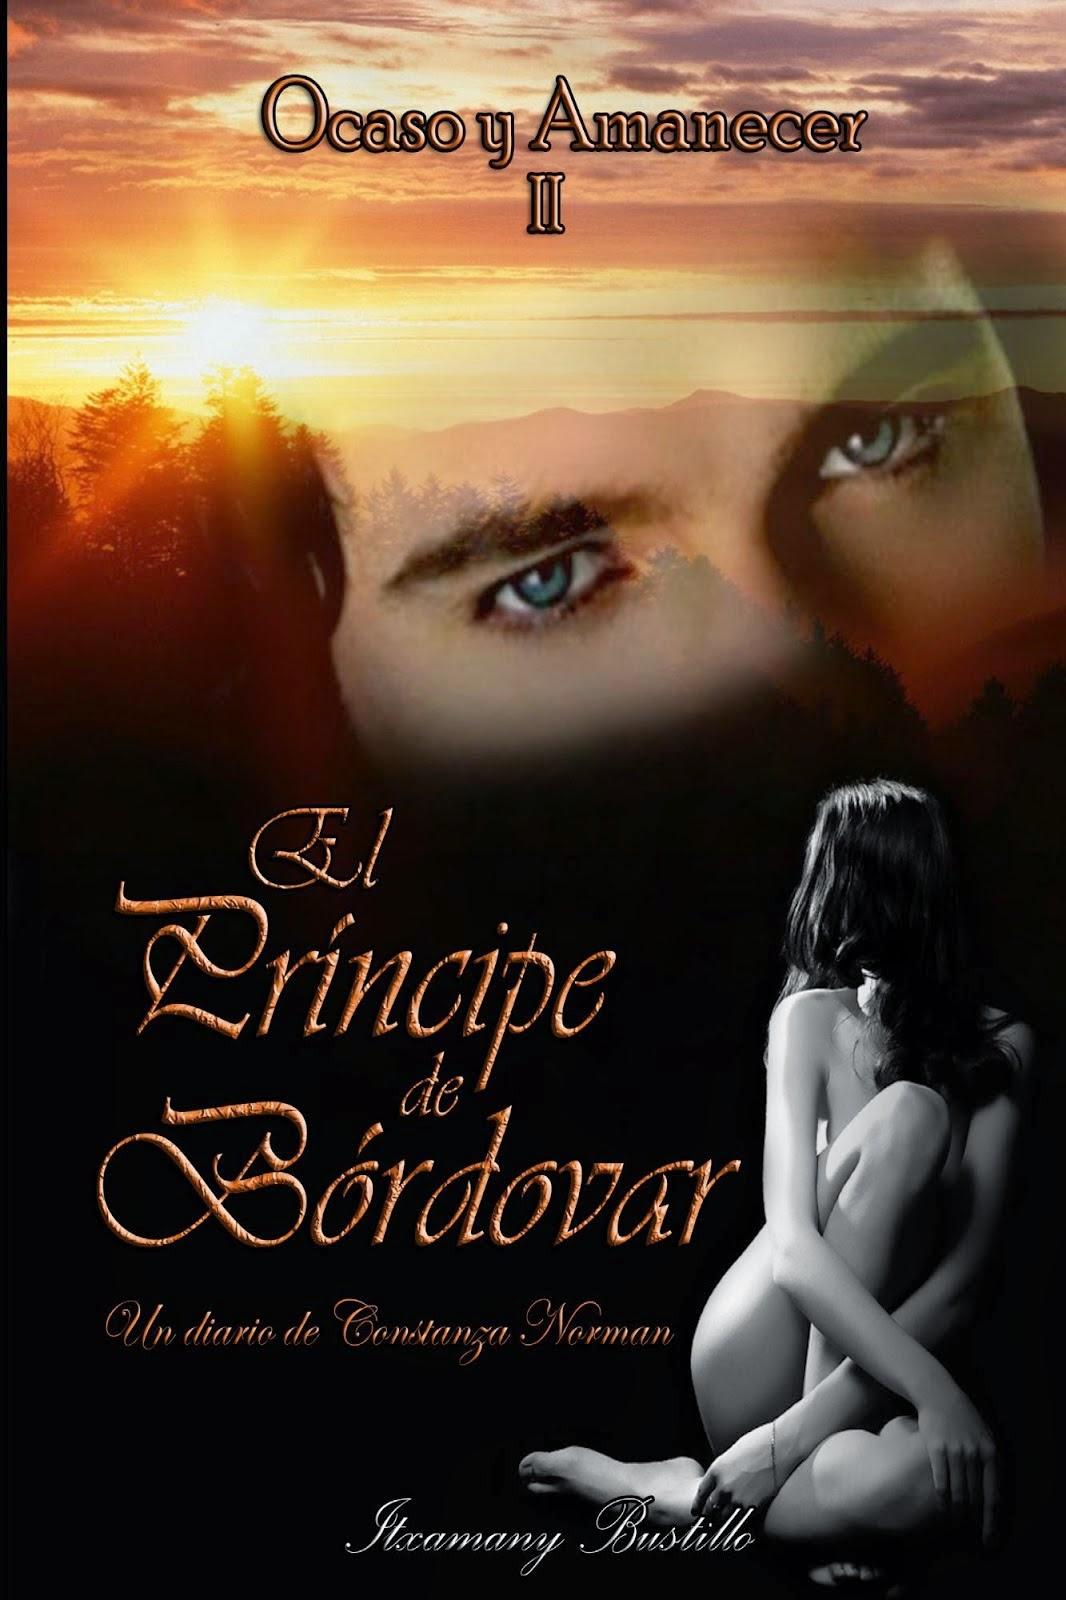 El Príncipe de Bórdovar (segunda parte) amazon